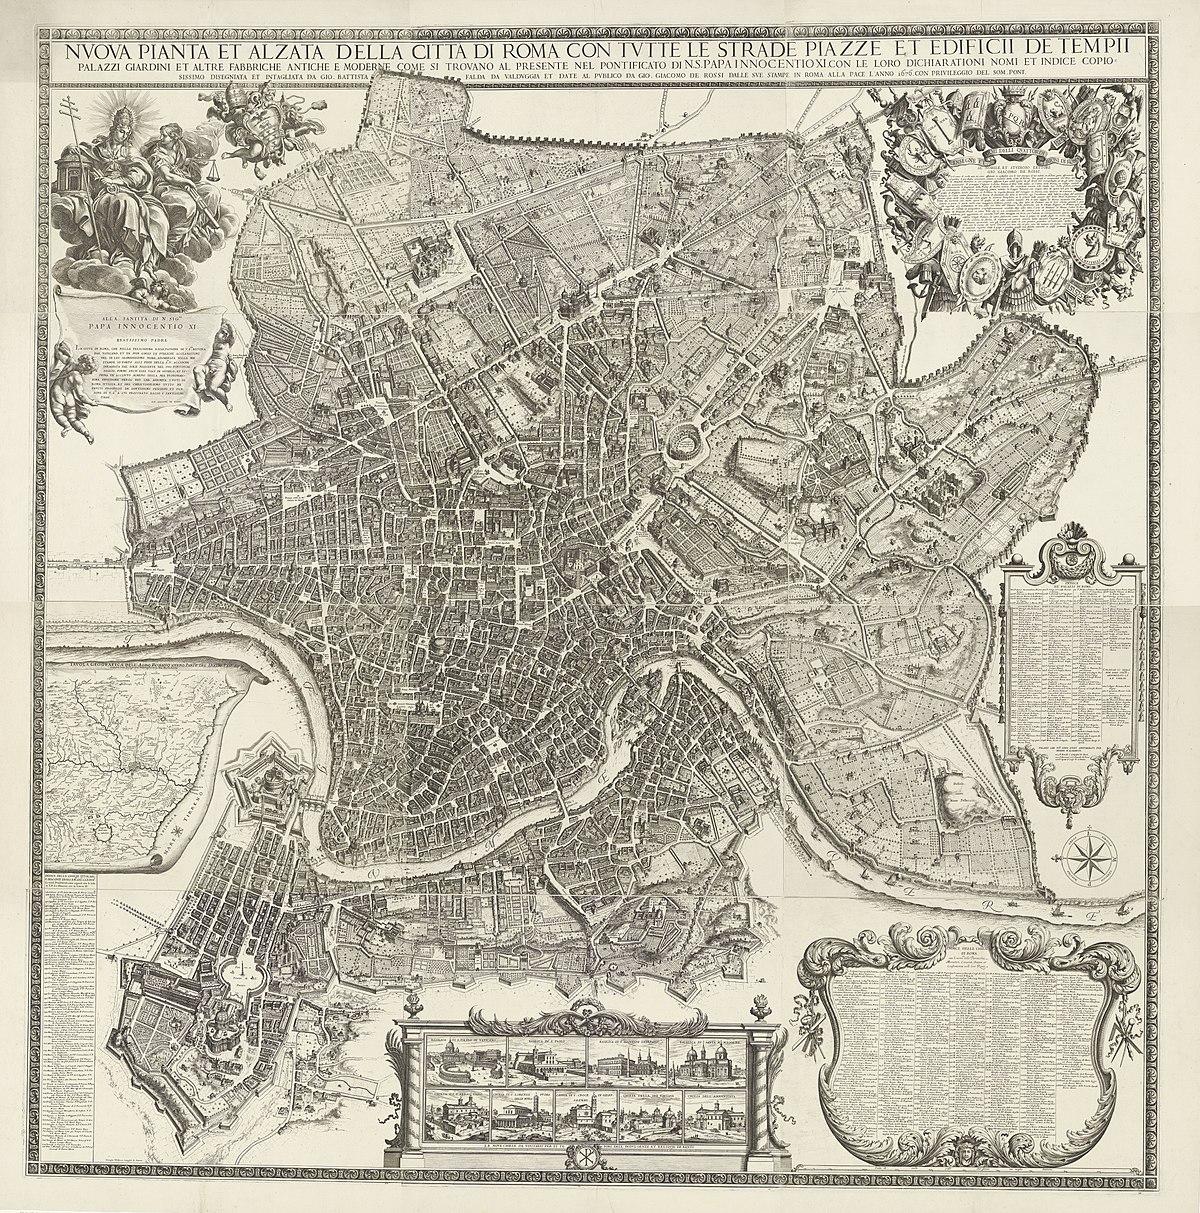 Giardini Per Case Moderne file:map of rome giovanni battista falda 1676 rijksmuseum